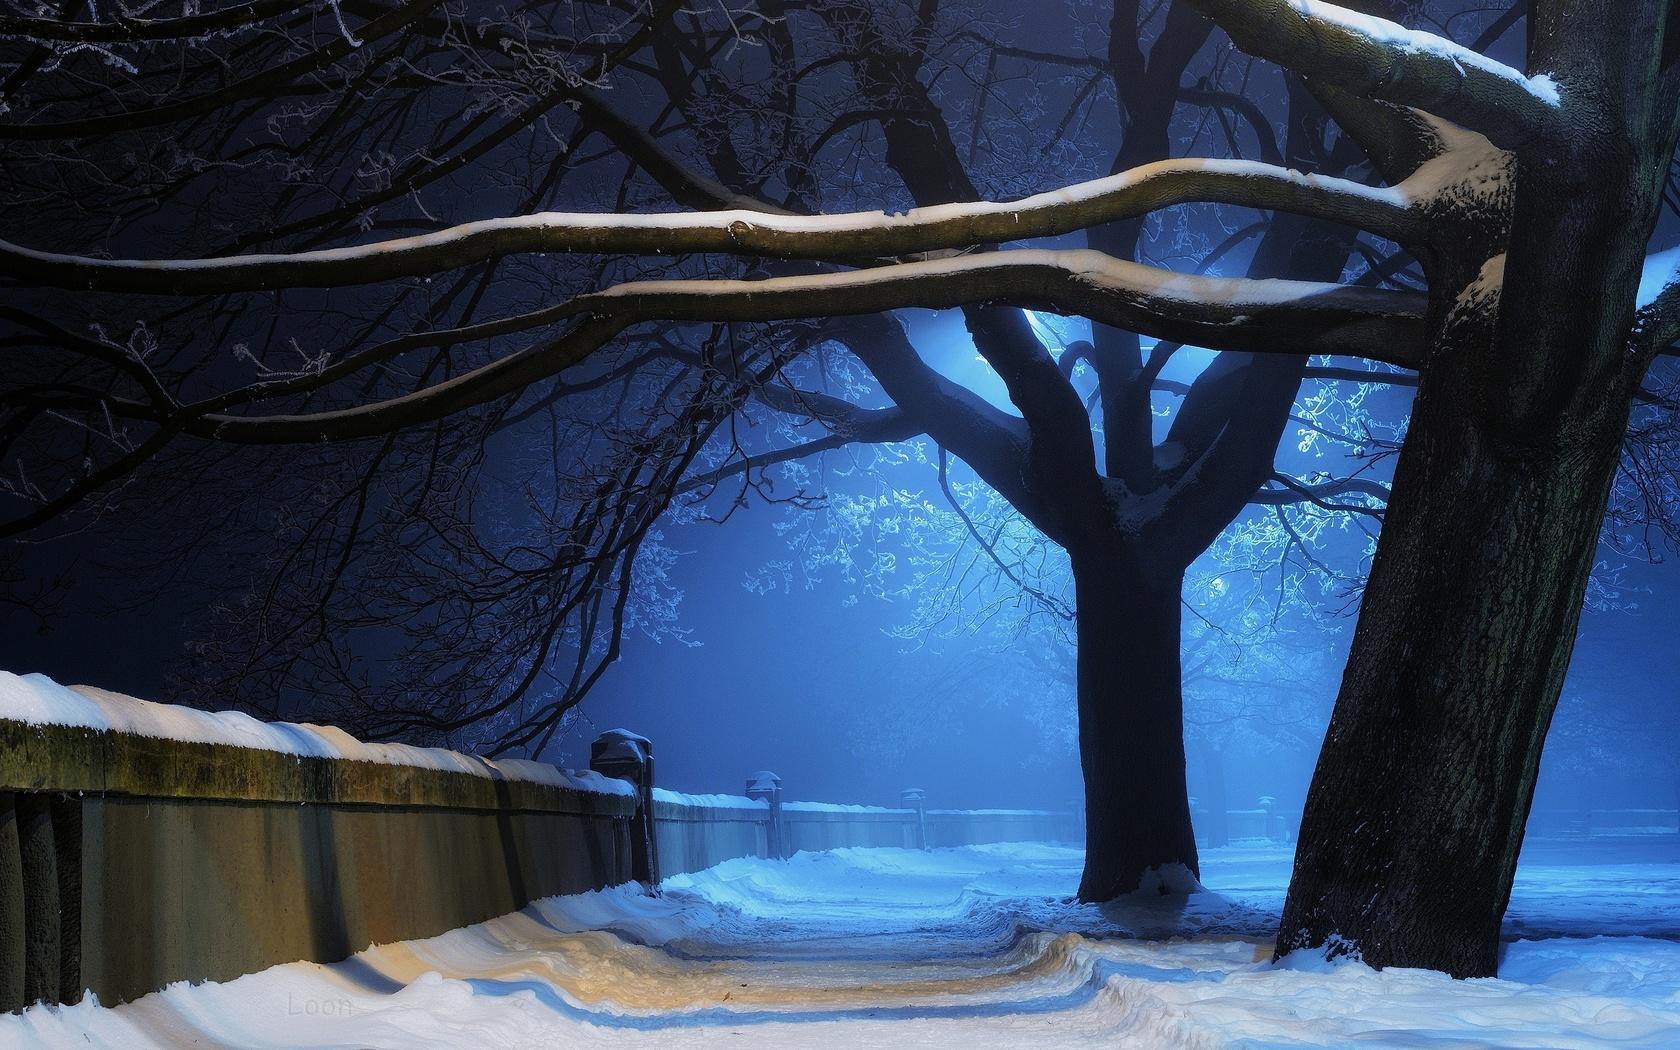 ночь, фонарь, снег, дерево